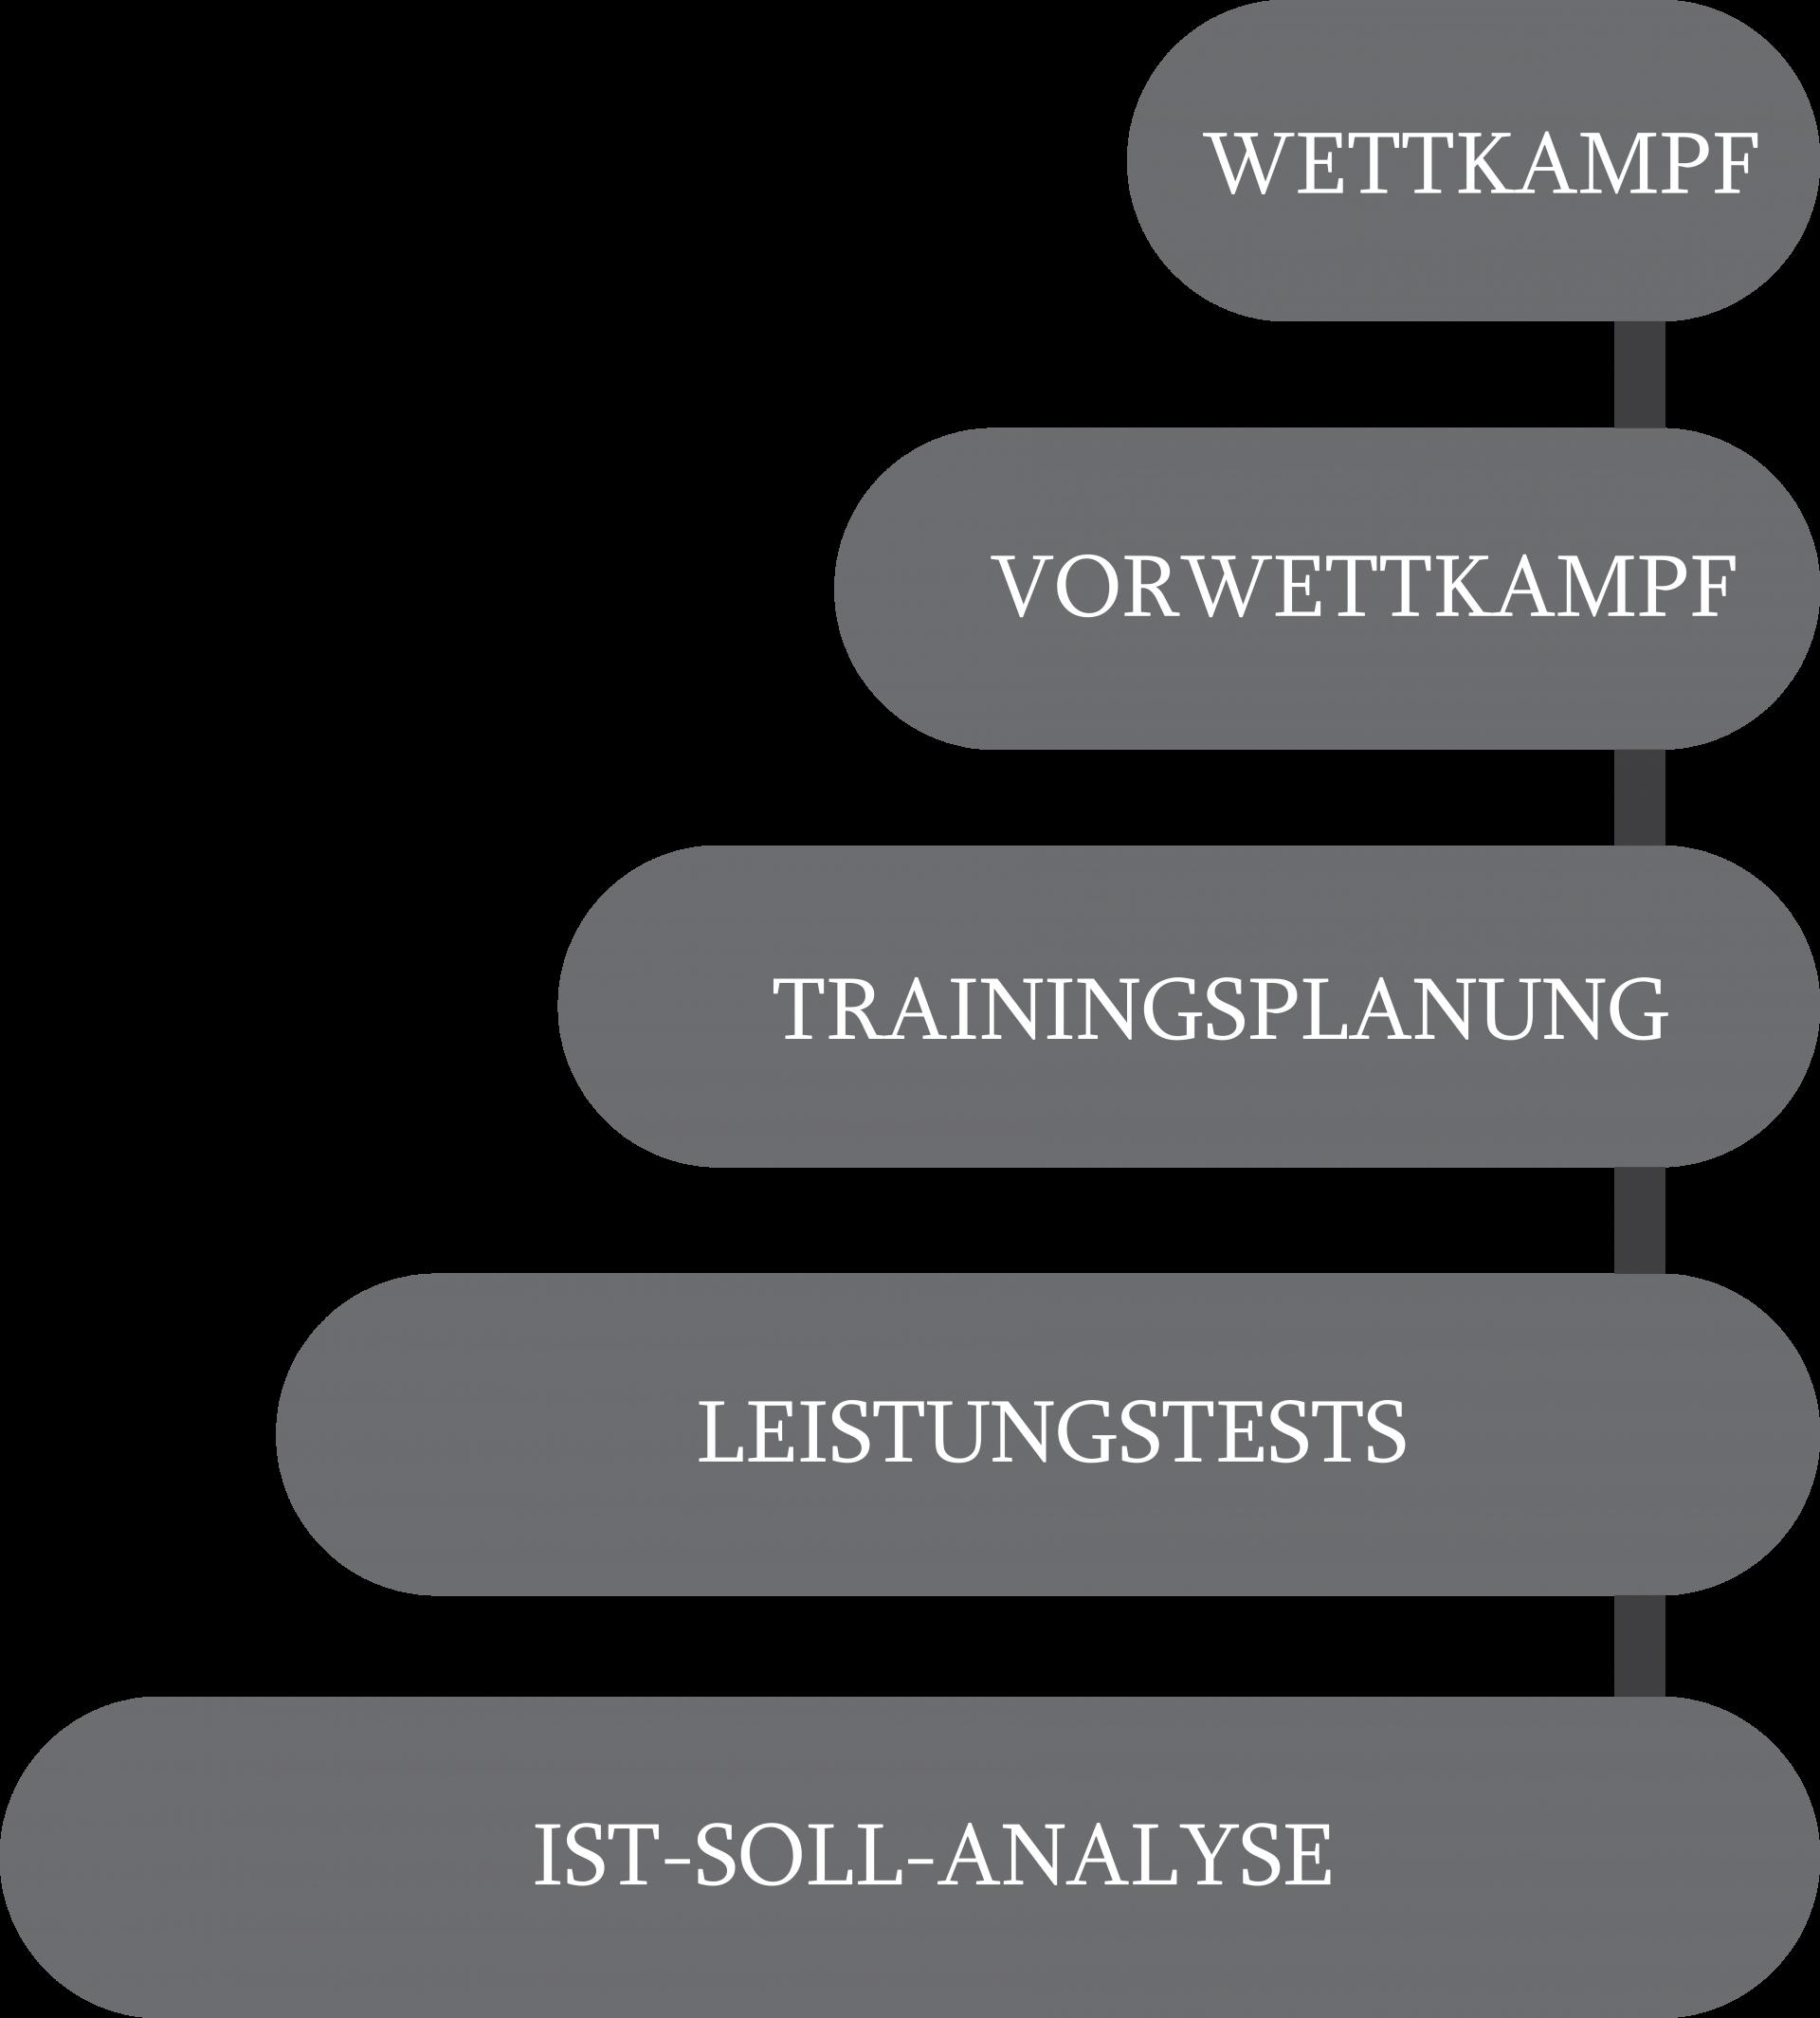 Ablauf der Trainingsplanung: 1. Ist-Soll-Analyse, 2. Leistungstests, 3. Trainingsplanung, 4. Vorwettkampf, 5. Wettkampf